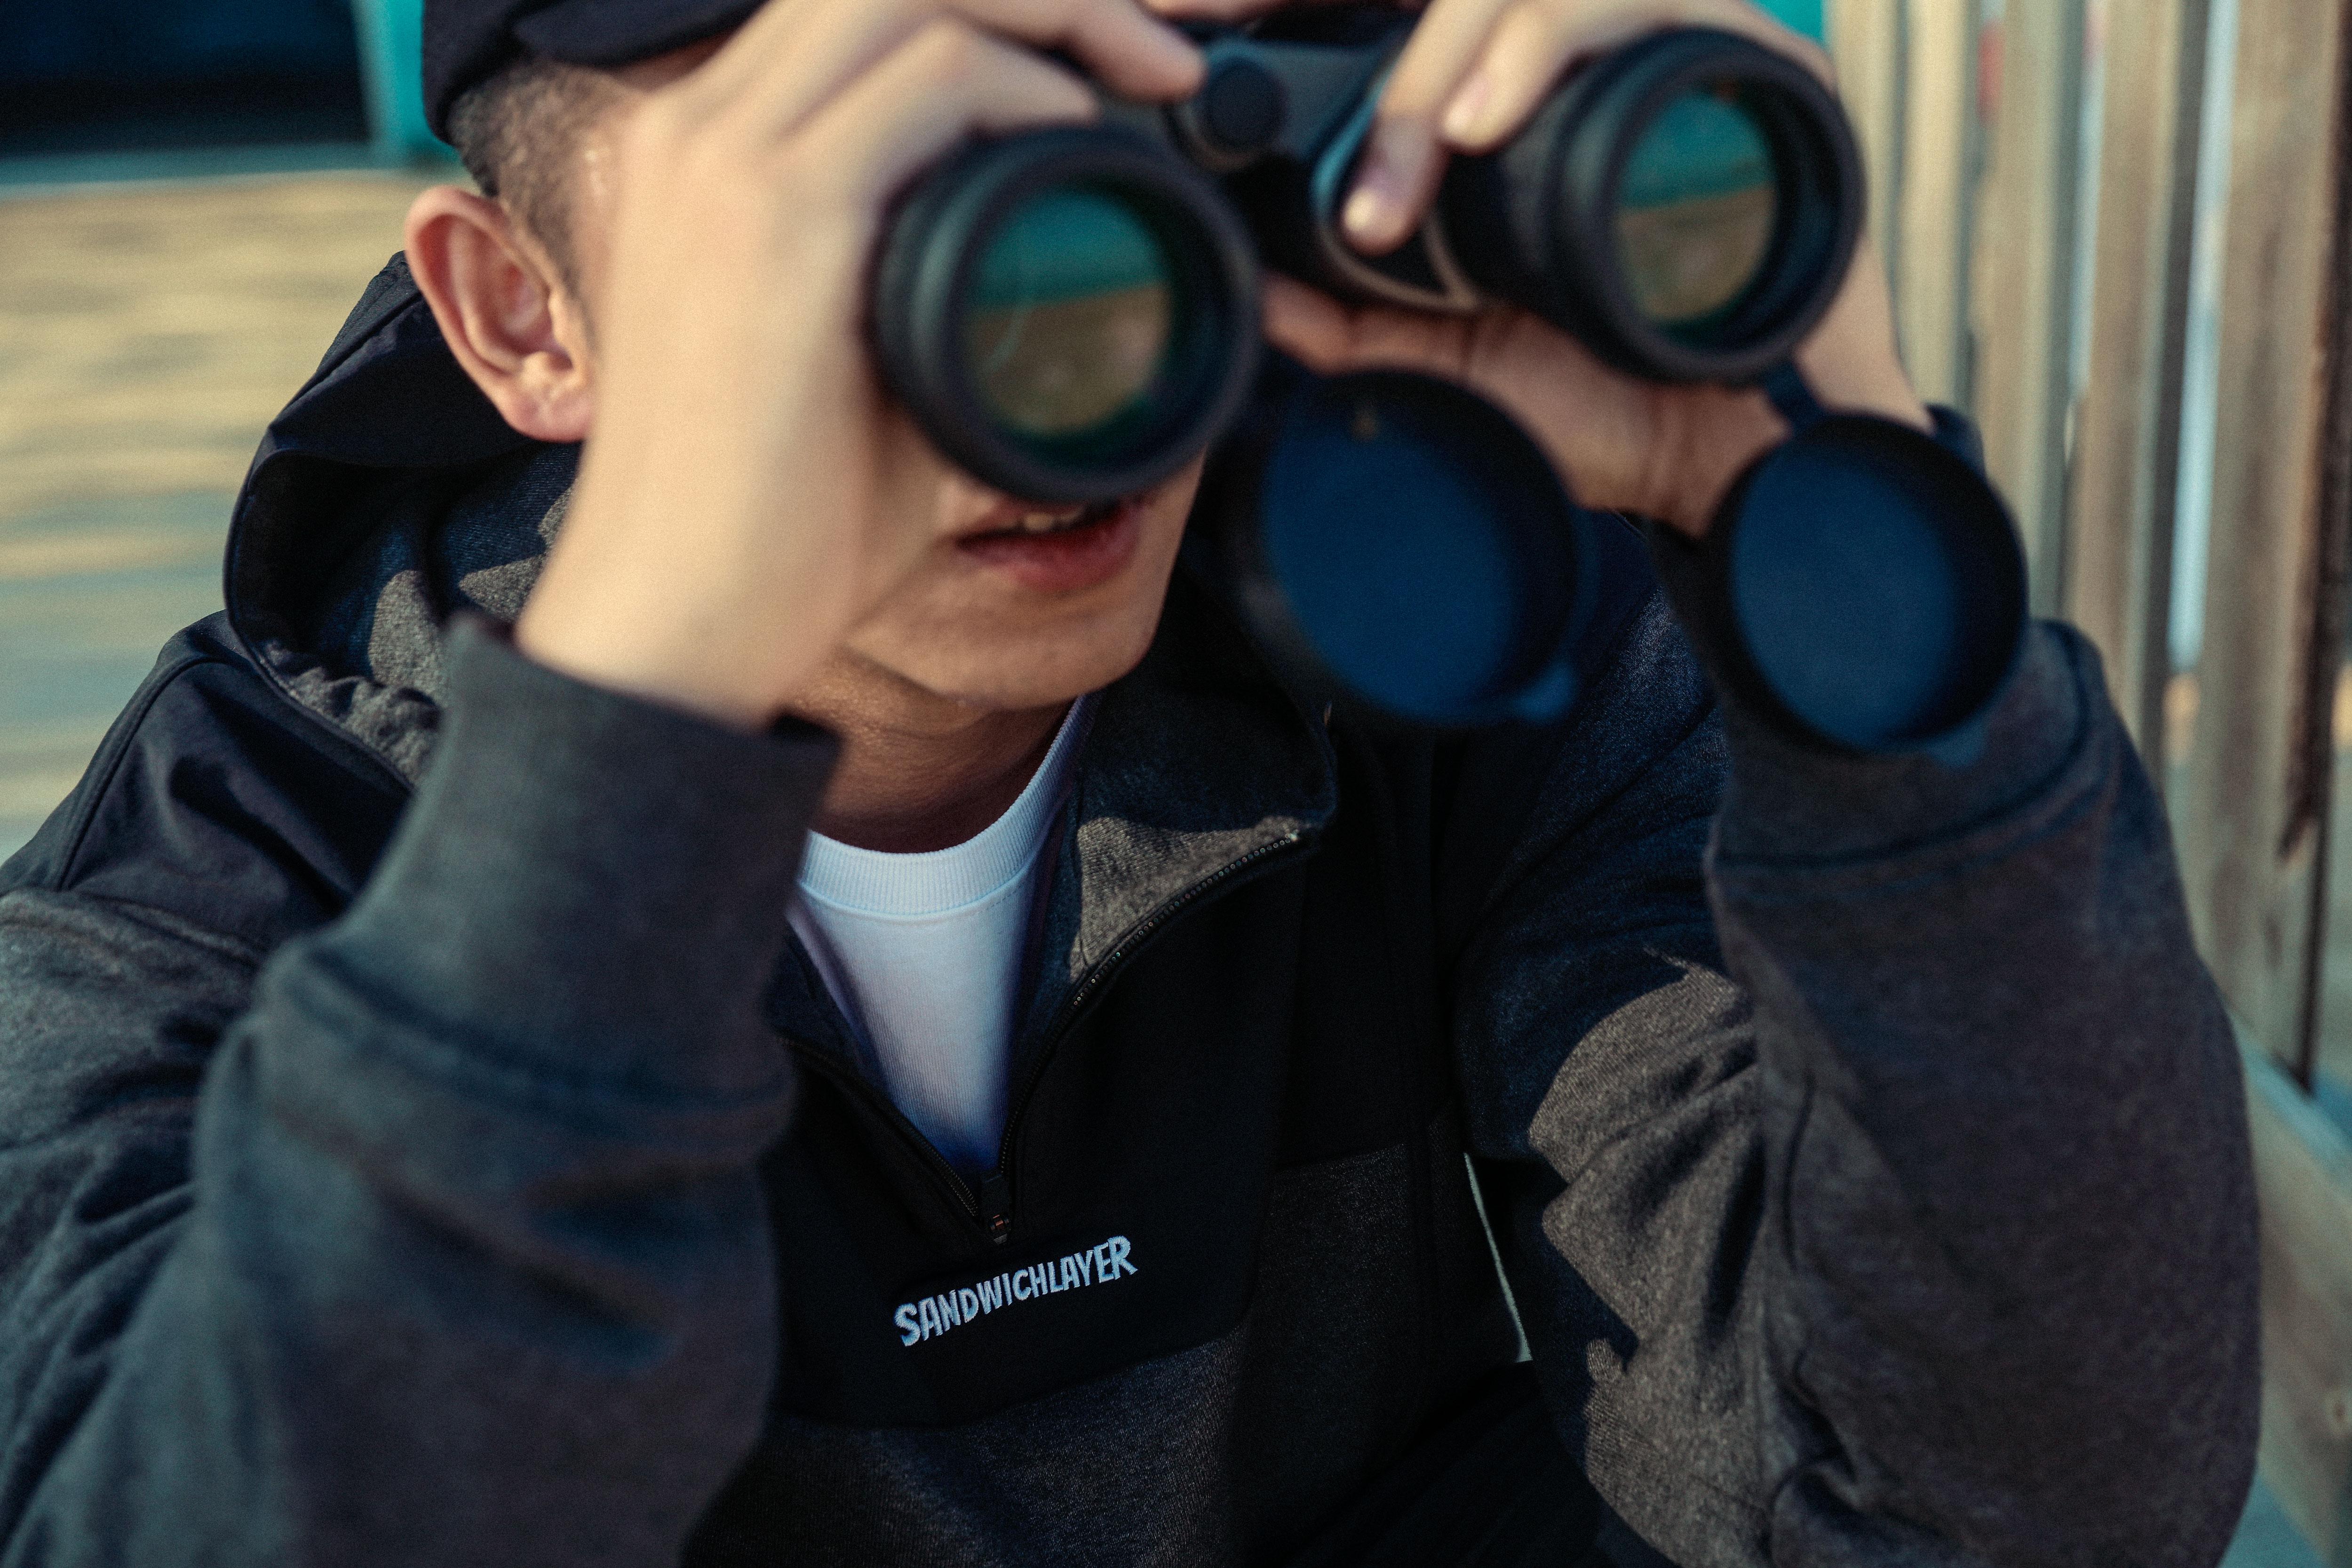 街头品牌 SANDWICHLAYER 推出 2019 春夏系列 Lookbook